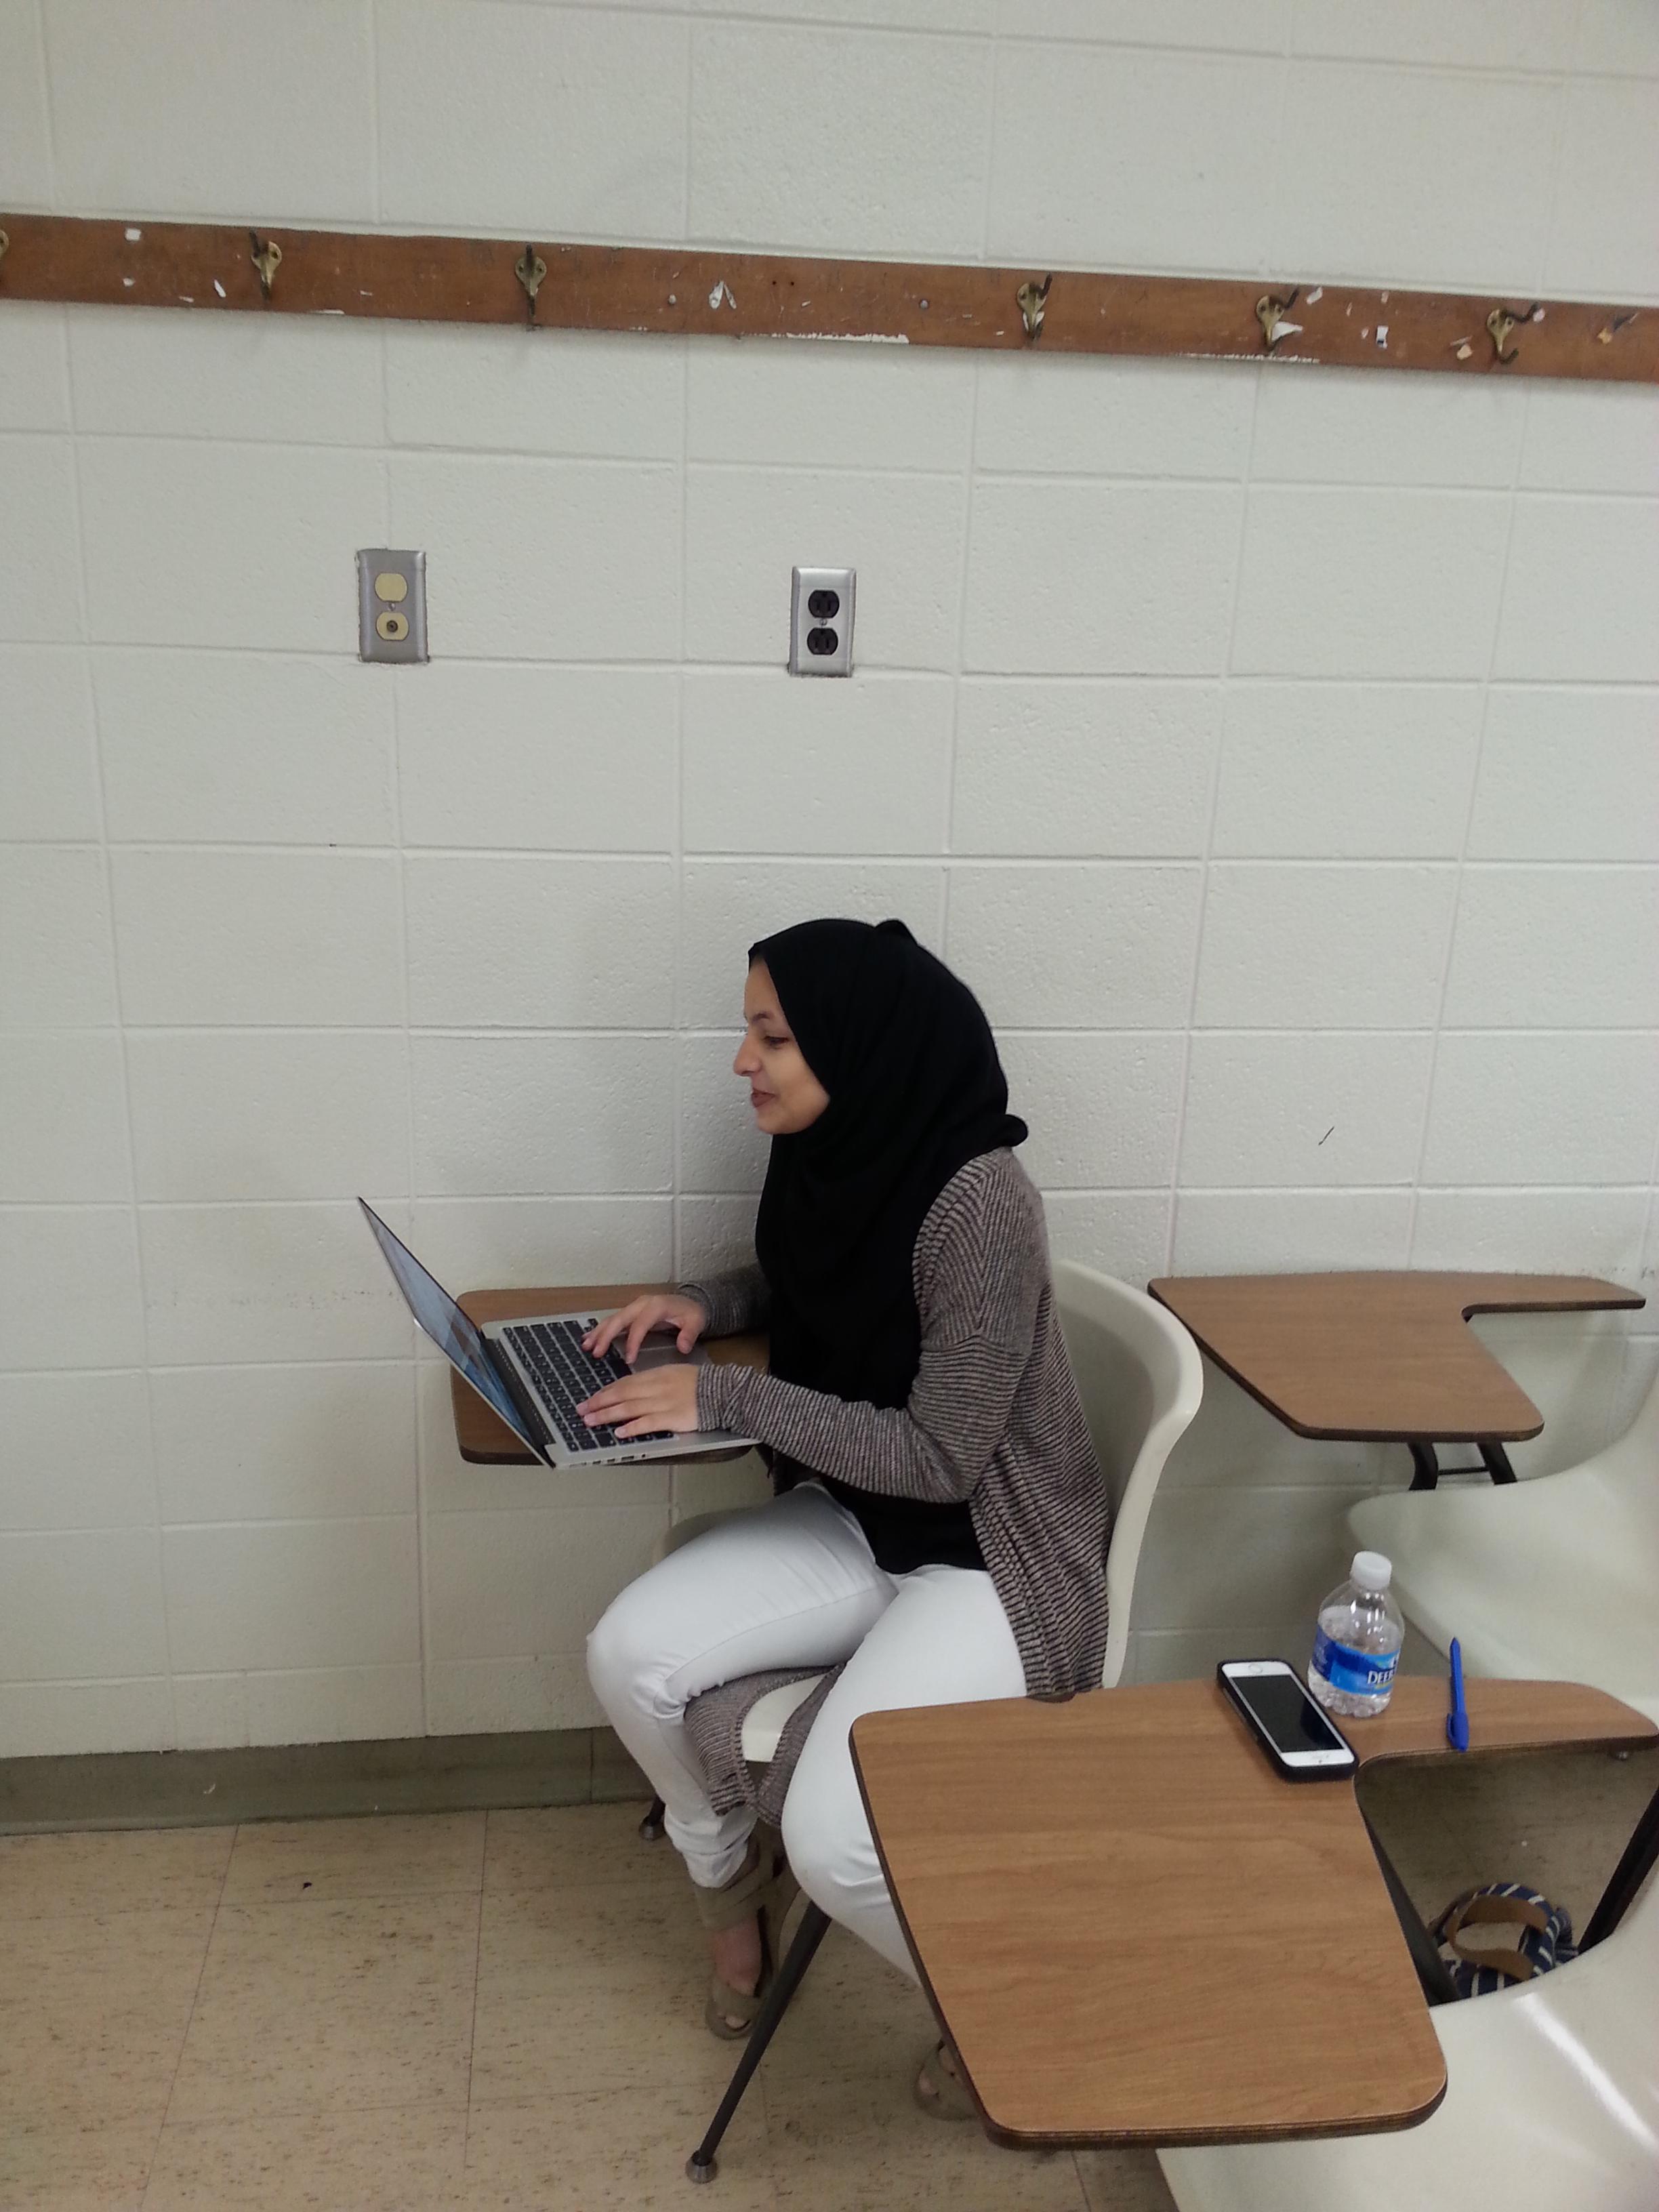 Aya Ben Abdellatif in class at Georgia State University